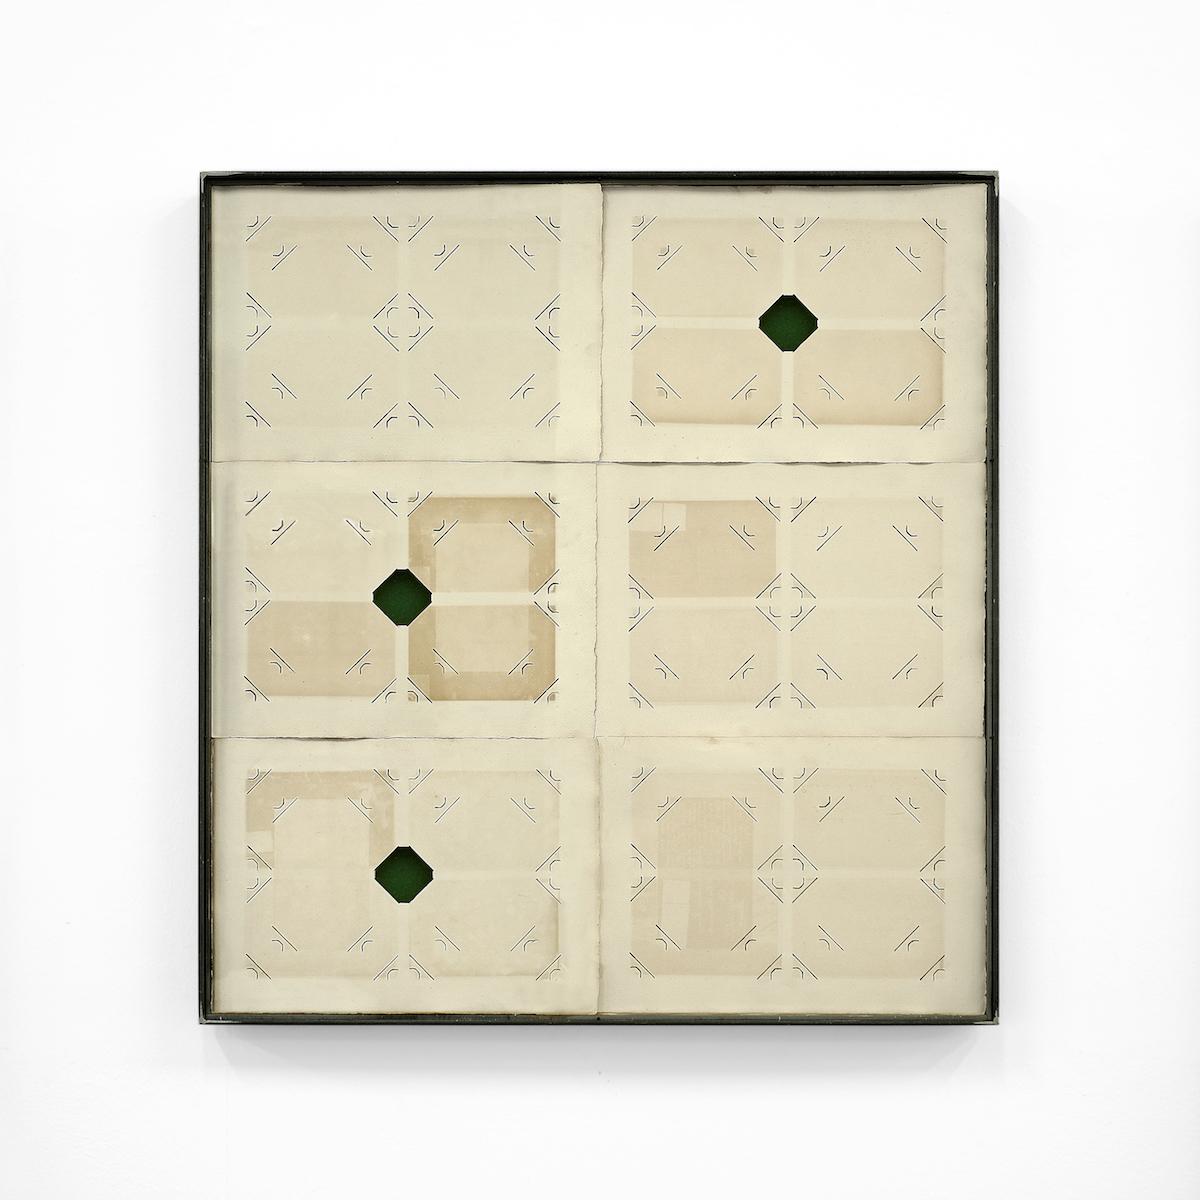 Jacopo Mazzonelli, [S]ancte, 2019, pagine di album fotografici, velluto, ferro e vetro, cm 78x74